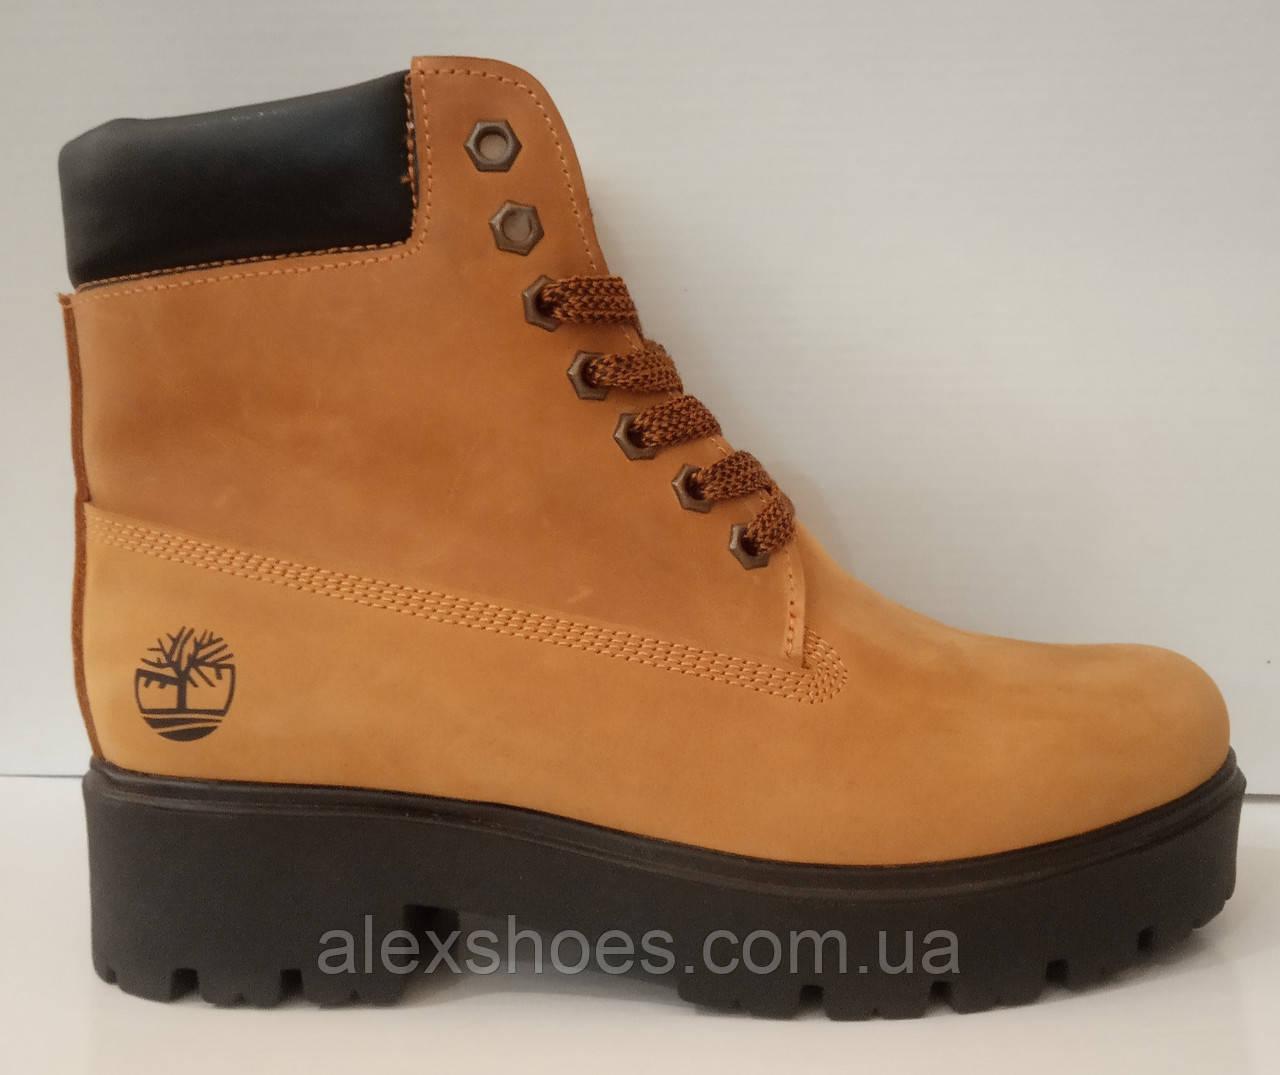 Ботинки женские зимние кожаные от производителя модель ЛИН860-5